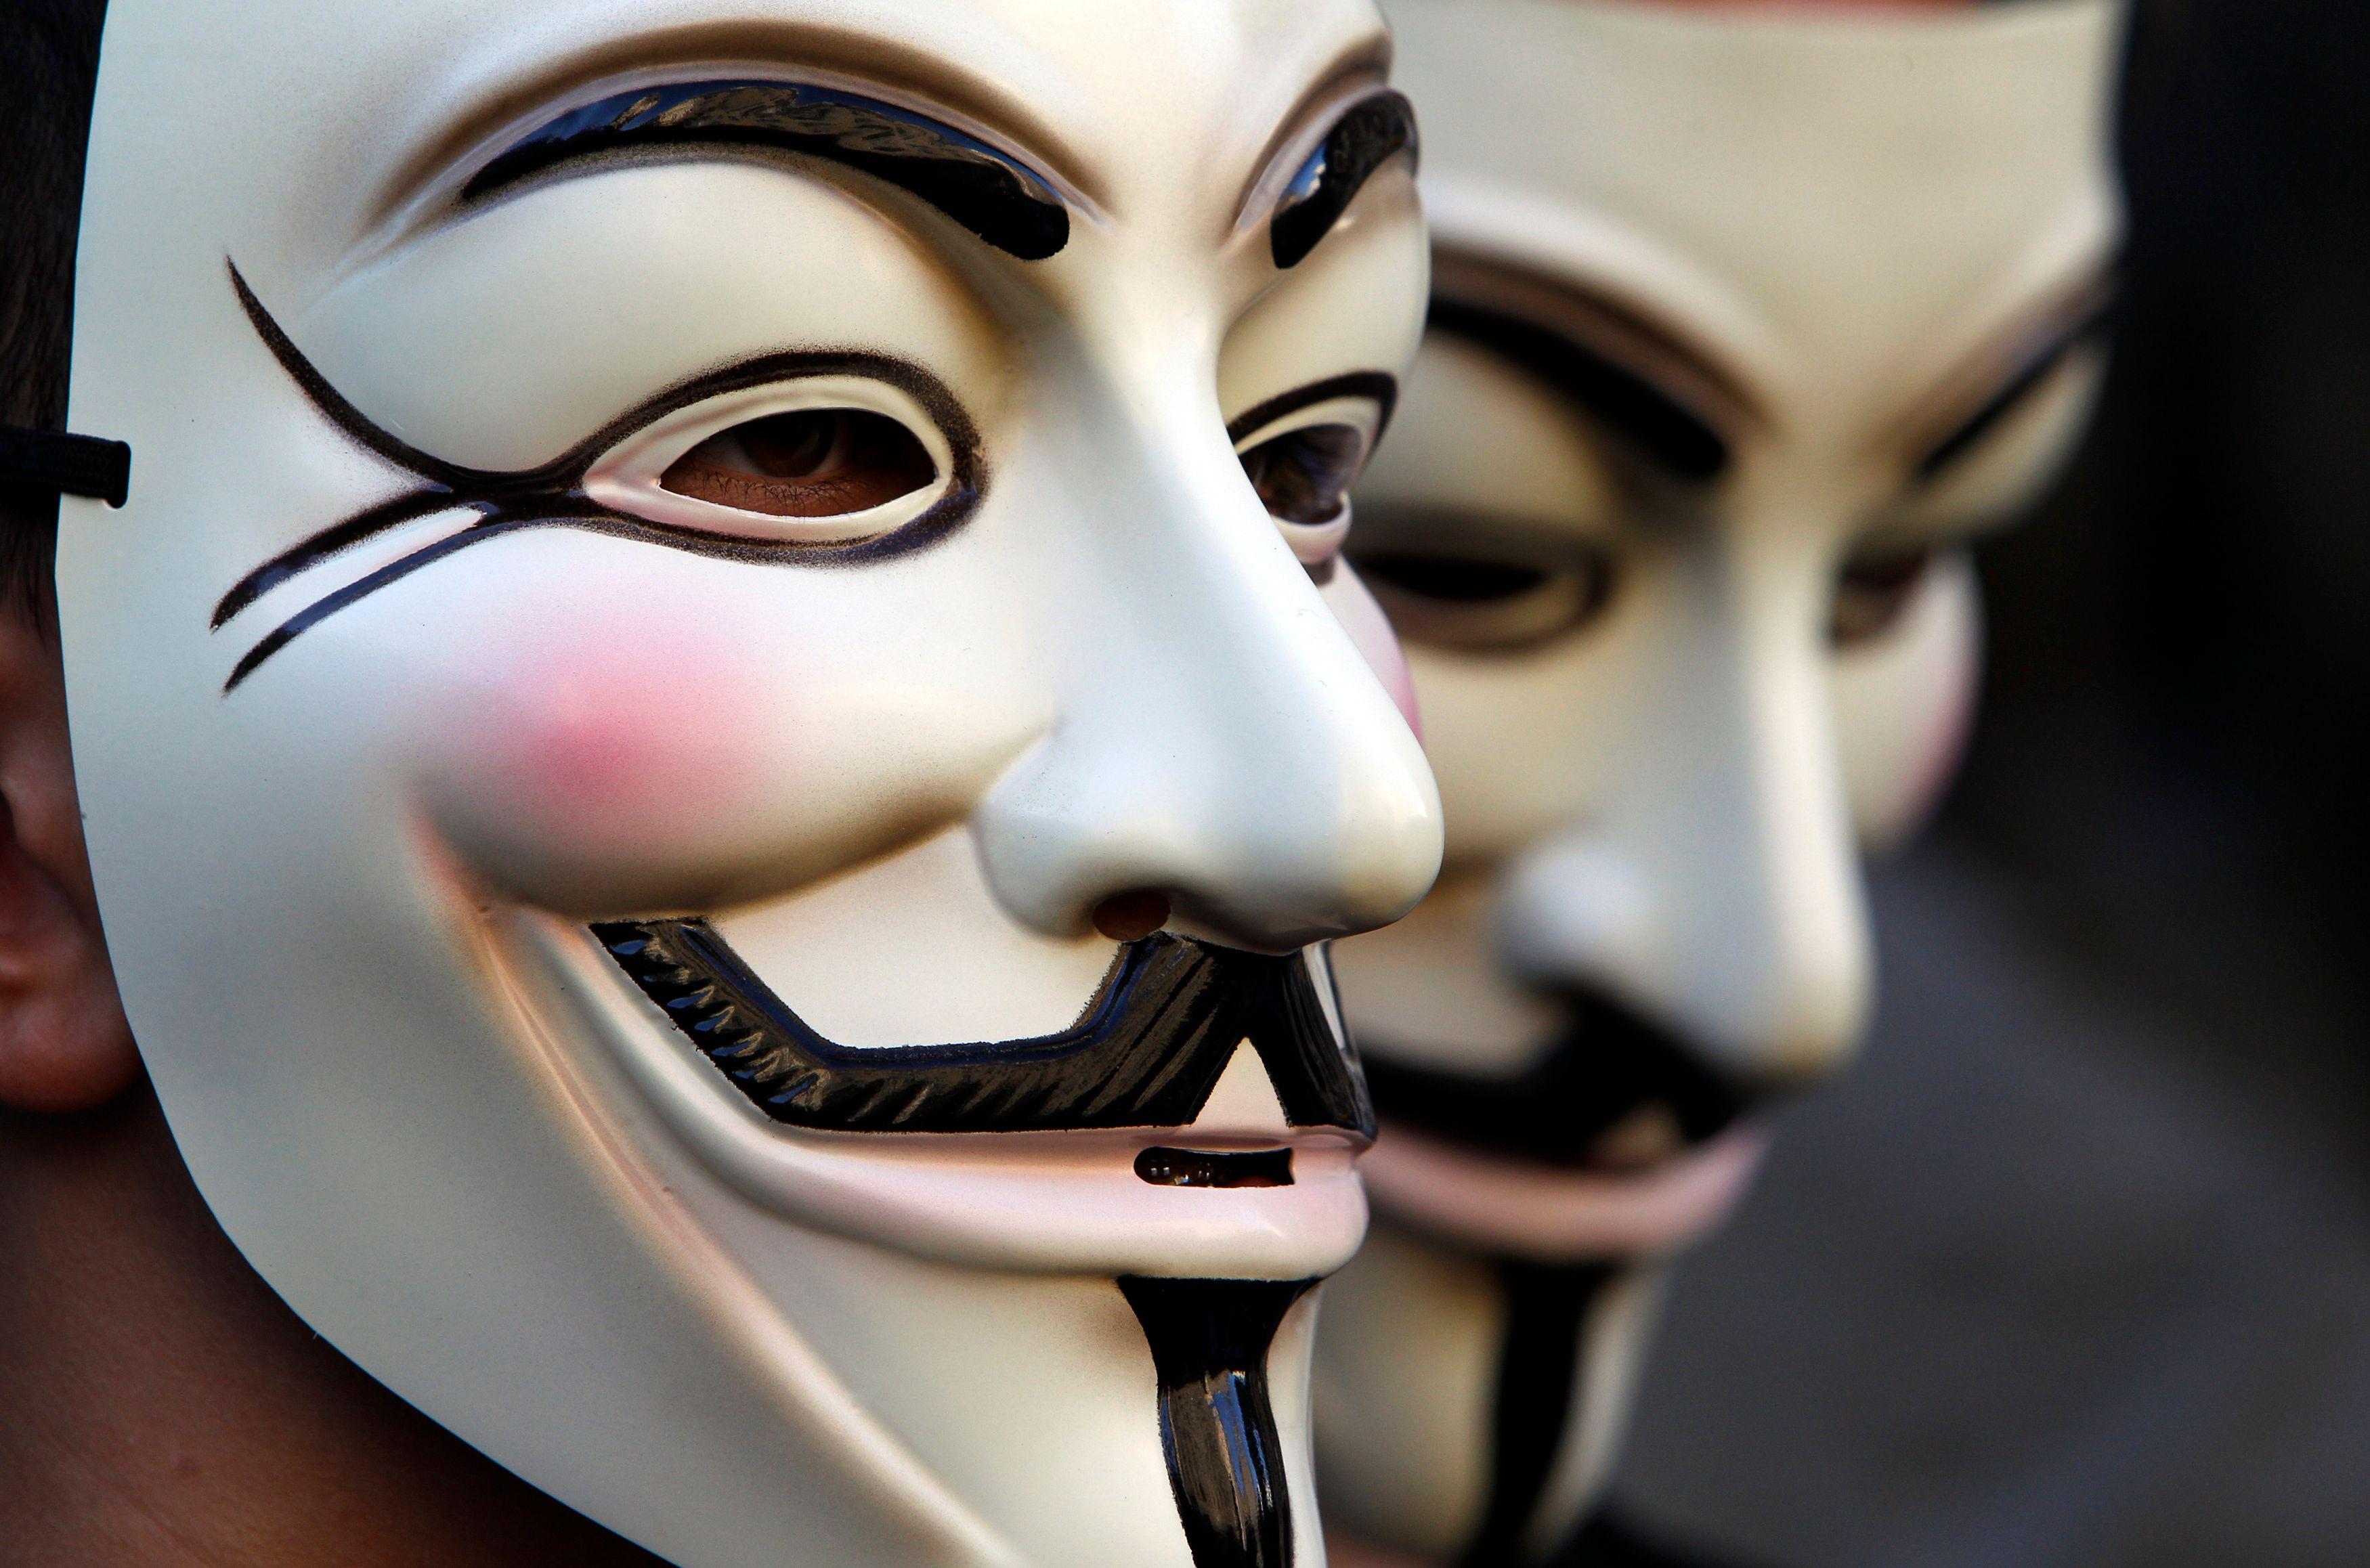 """""""Si vous voulez un hacking de précision, il vous faut un hacker israélien !"""" : pourquoi Israël est devenu le pays spécialiste de la guerre électronique"""